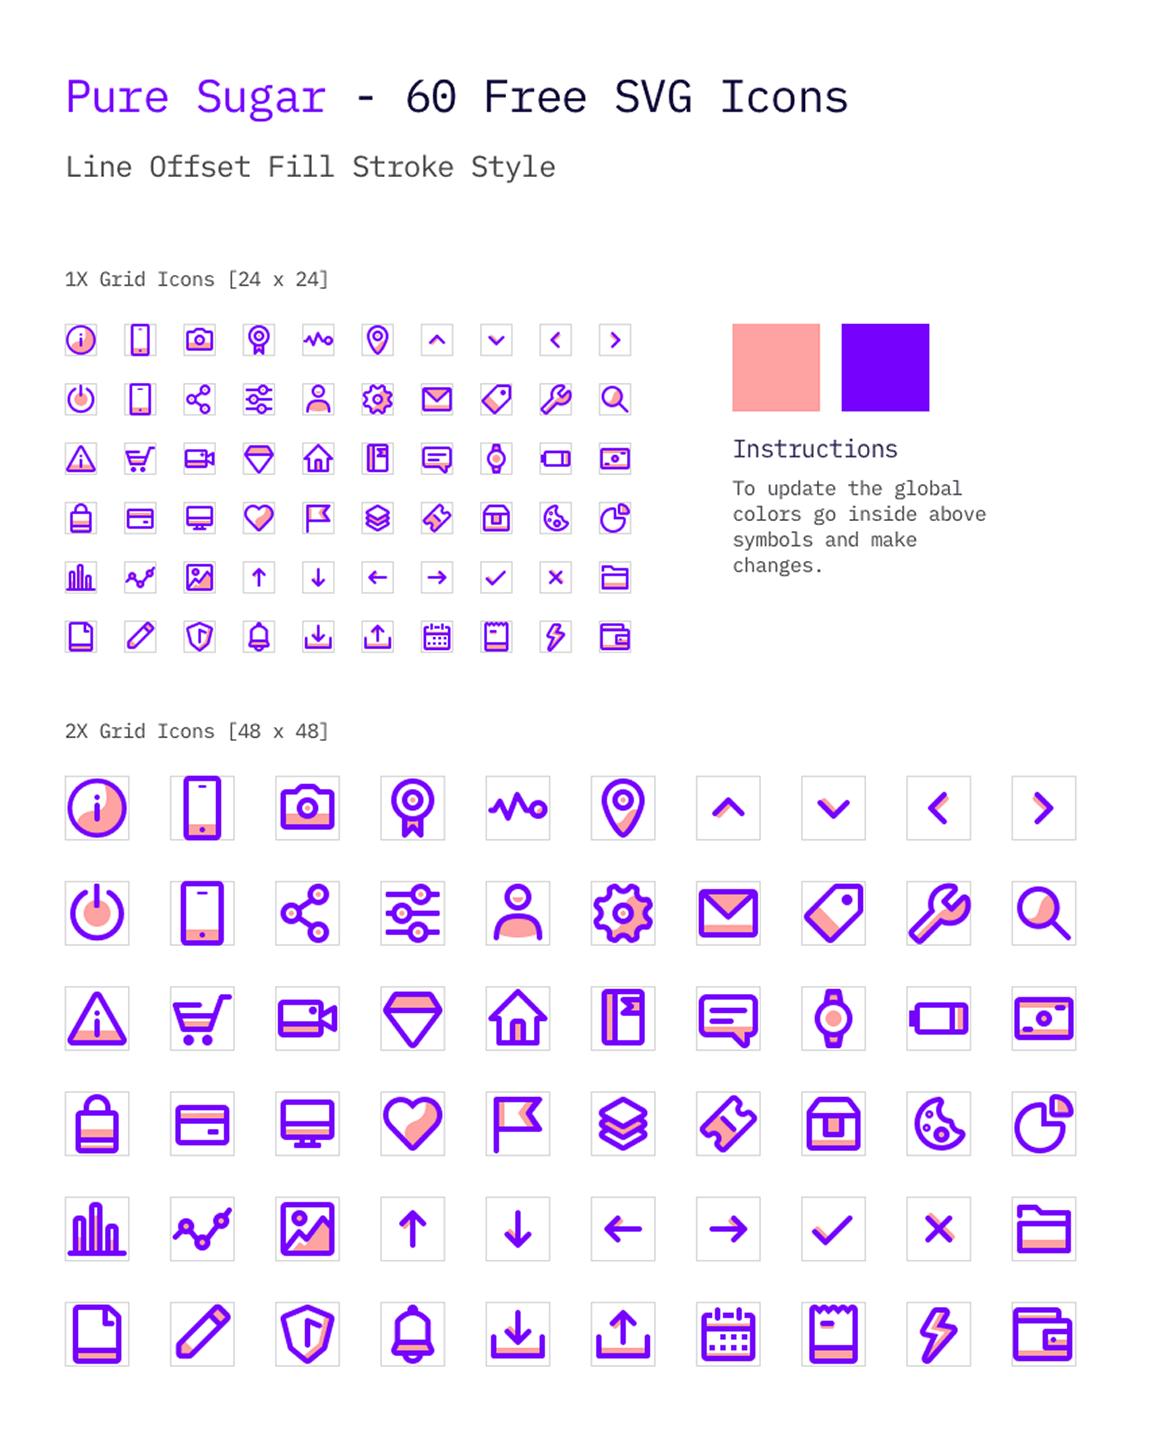 Pure Sugar: Un ensemble gratuit de 60 icônes SVG